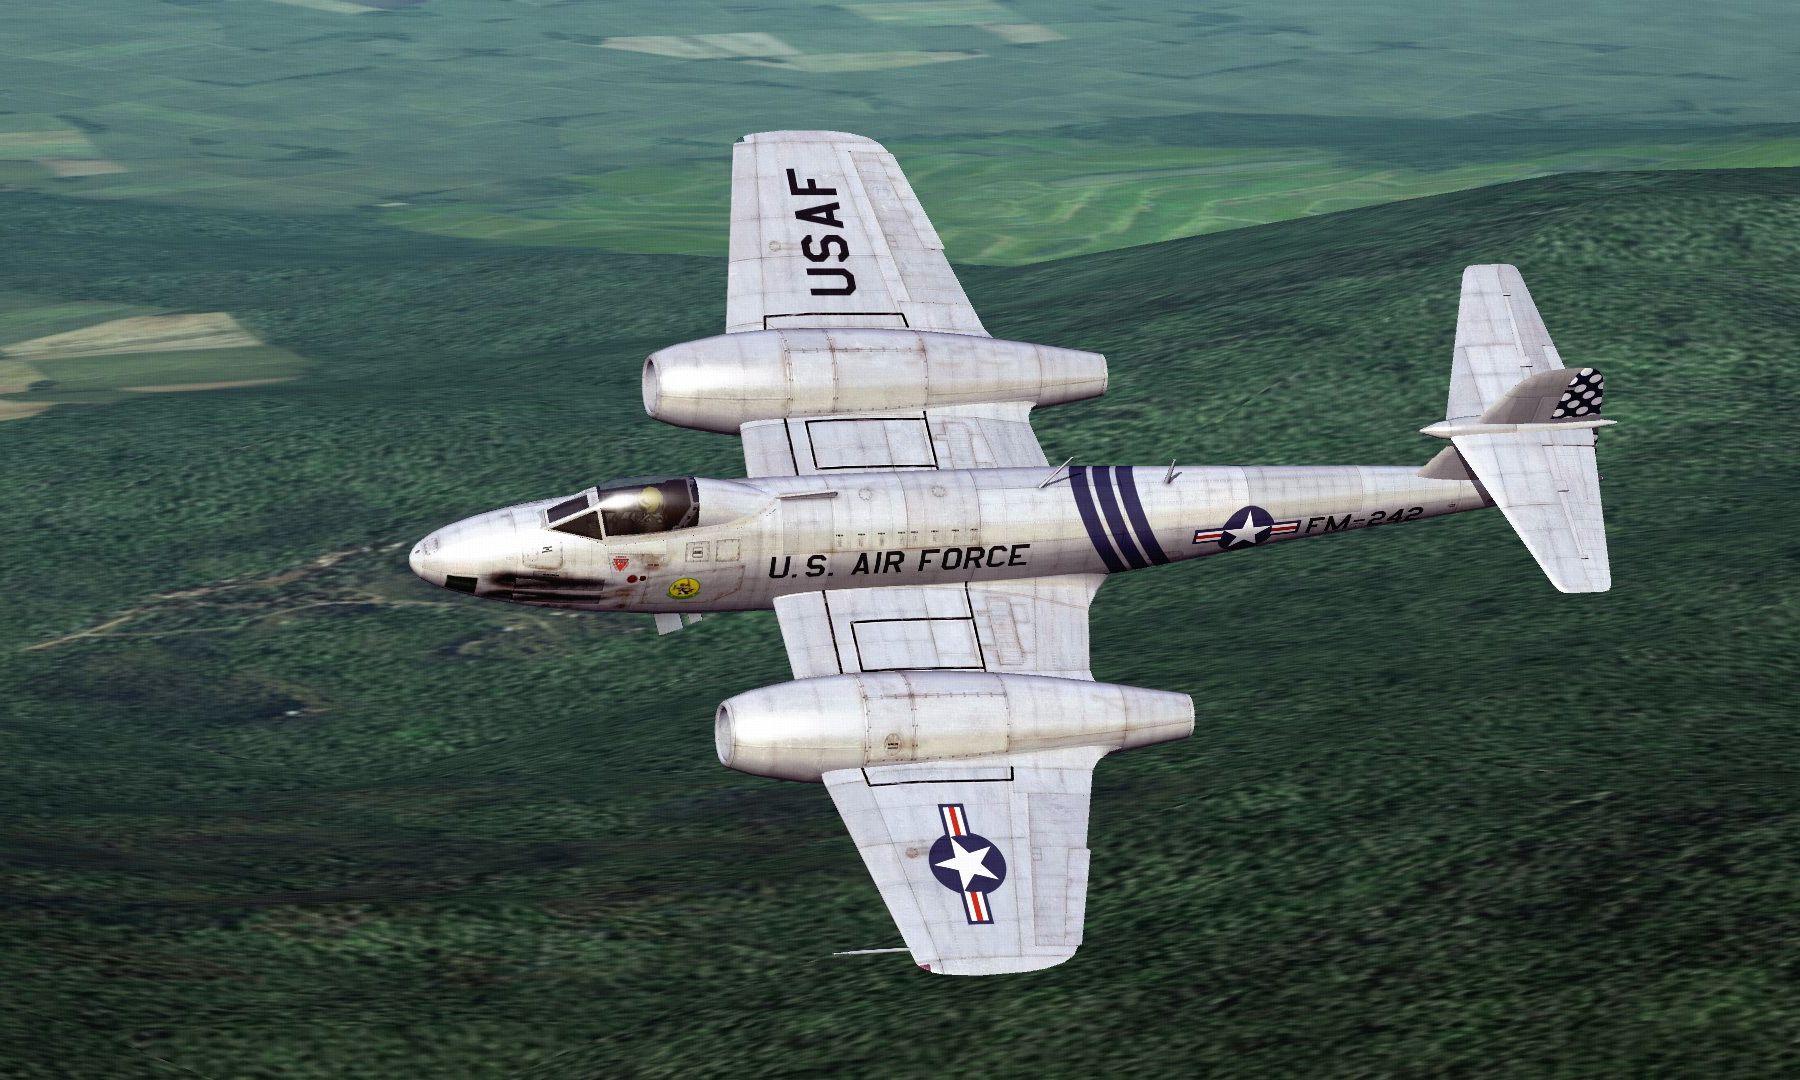 USAFRF-73DMETEOR03_zps9cb67be6.jpg